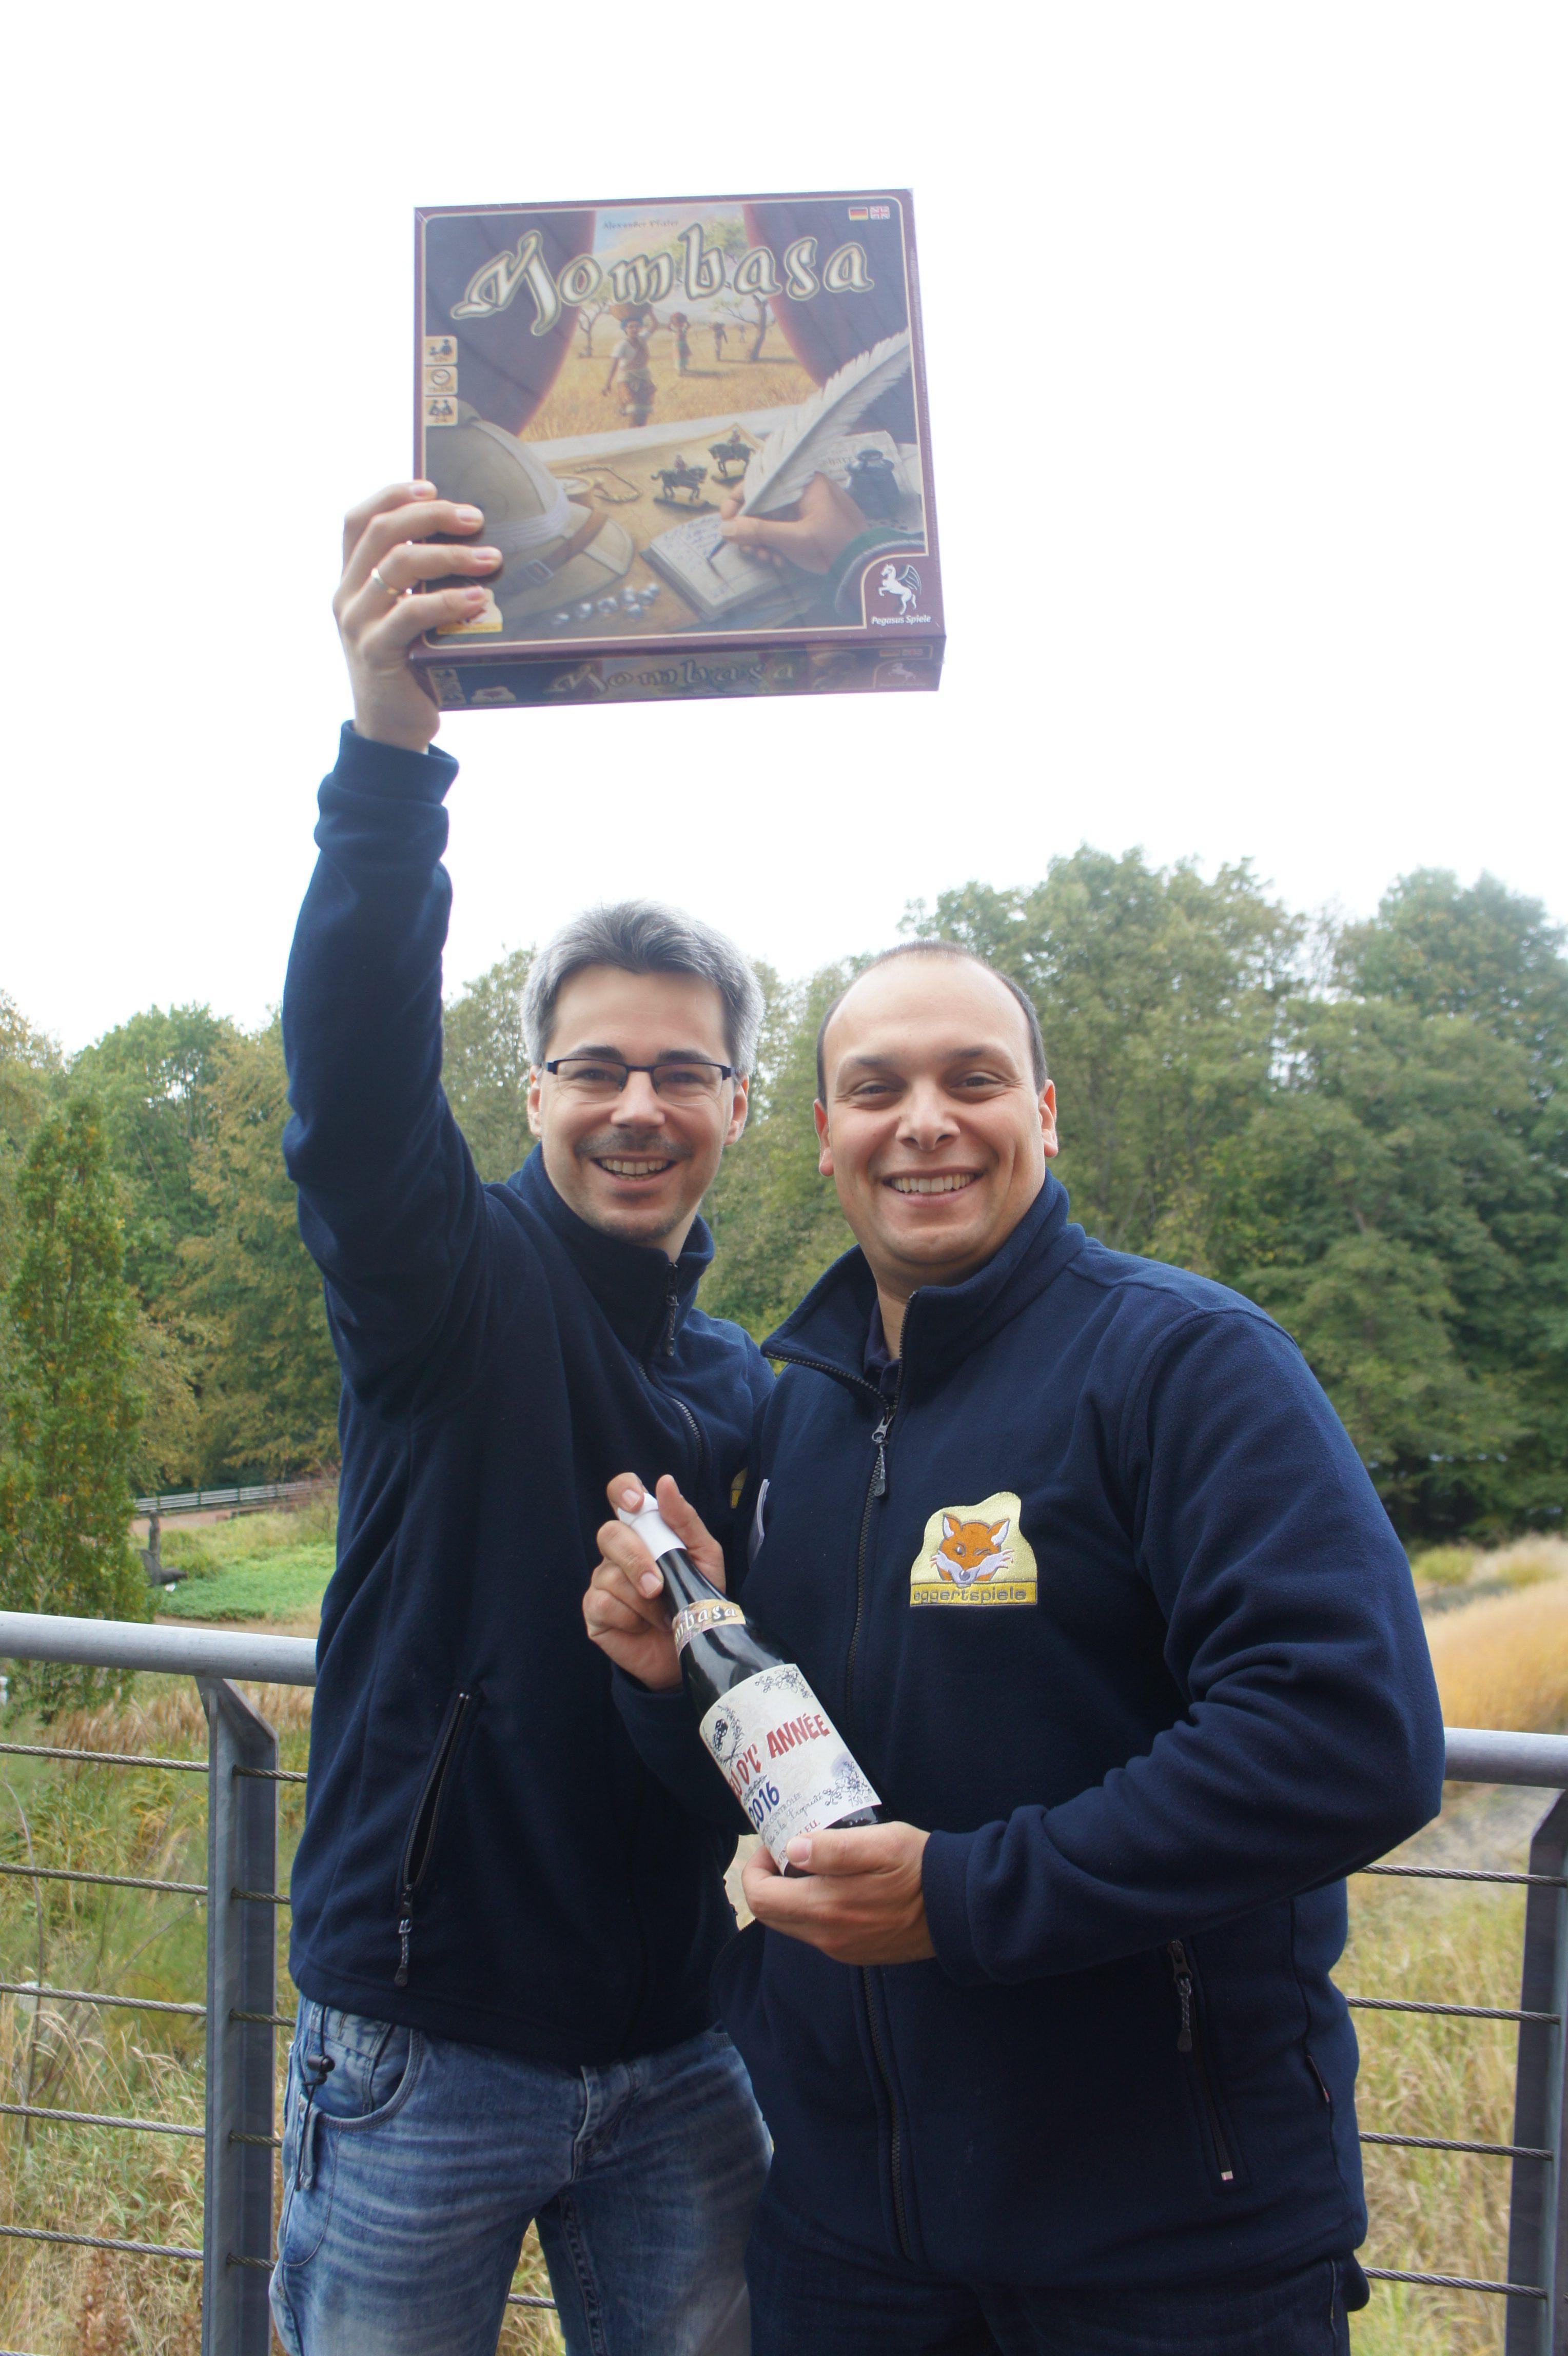 De game designer et le co-patron d'Eggertspiele en compagnie d'un magnifique jeu et d'une non moins magnifique bouteille!